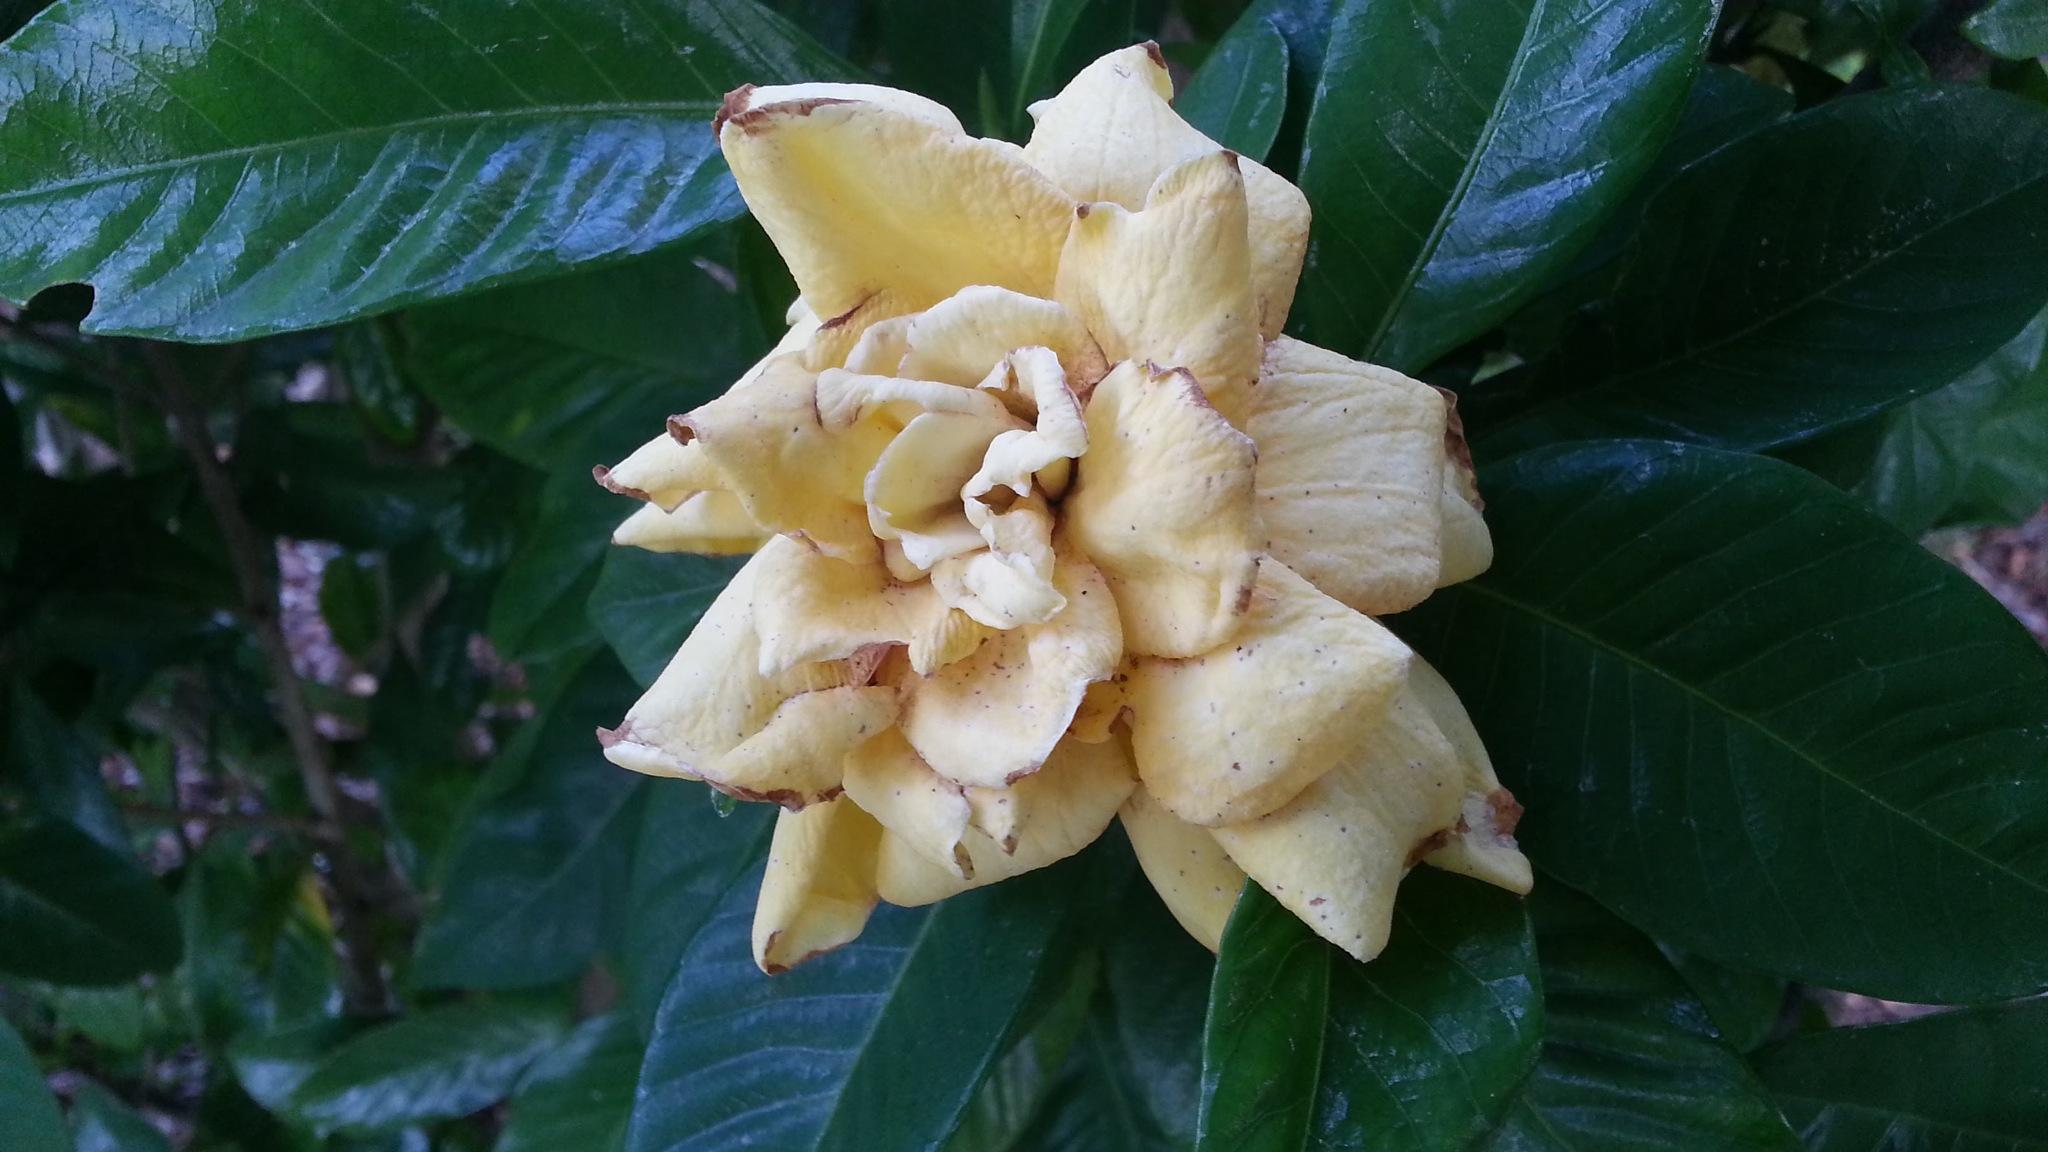 A frail magnolia. by Michael De St Pern